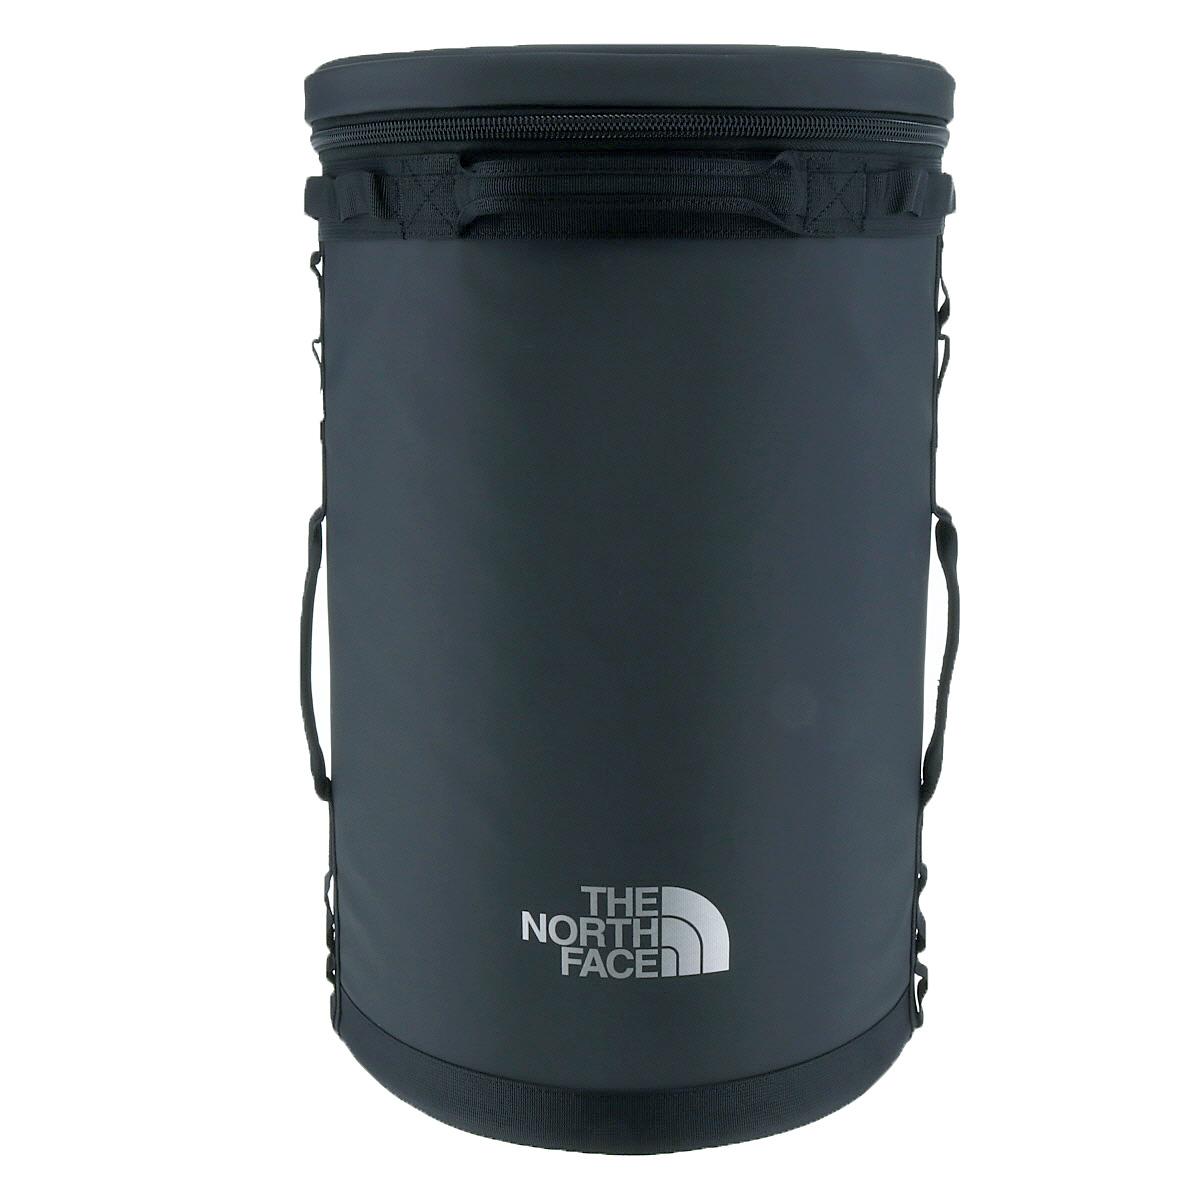 ノースフェイス THE NORTH FACE ベースキャンプ BASE CAMP リュックサック デイパック BCギアバケットパック BC Gear Bucket Pack nm82039 メンズ レディース ポイント10倍 送料無料 あす楽 プレゼント ラッピング 父の日uJKcF31Tl